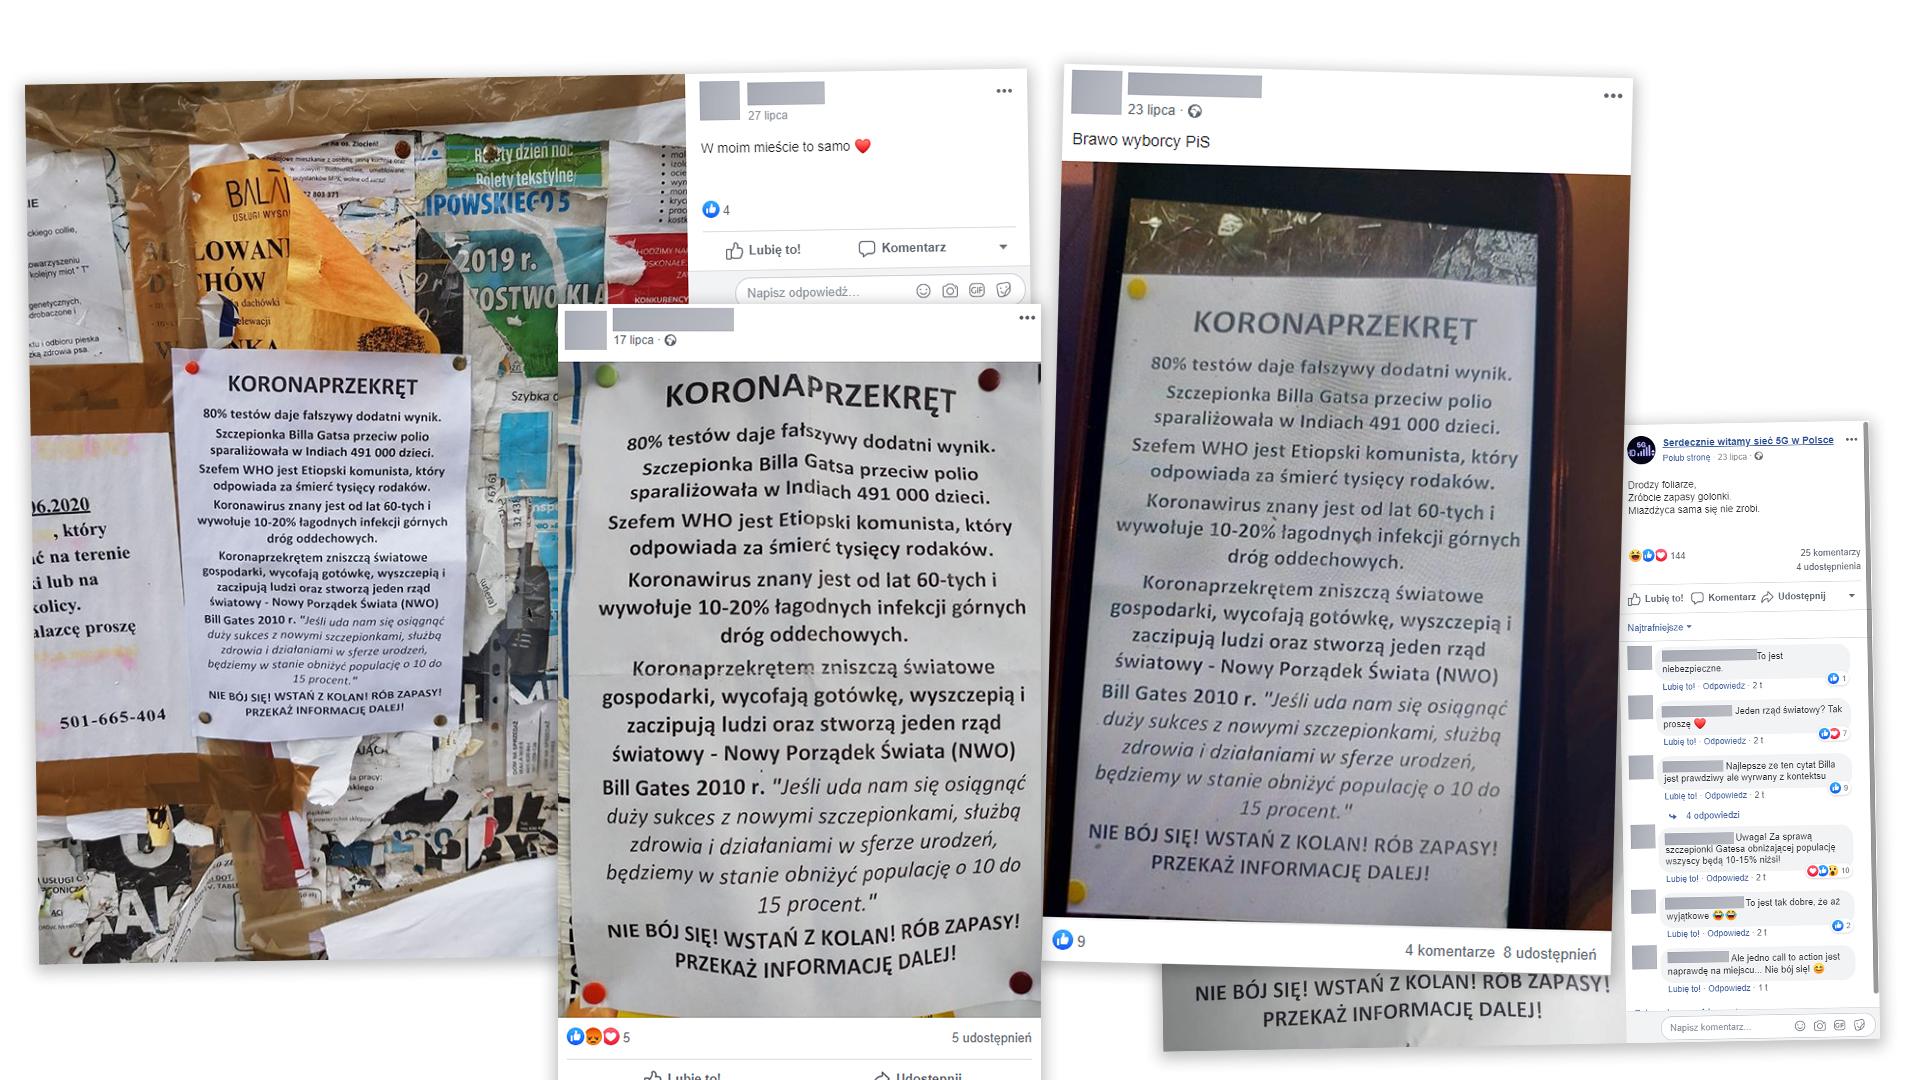 """Zdjęcia internautów, którzy natknęli się na rozwieszone ulotki o """"koronaprzekręcie""""."""